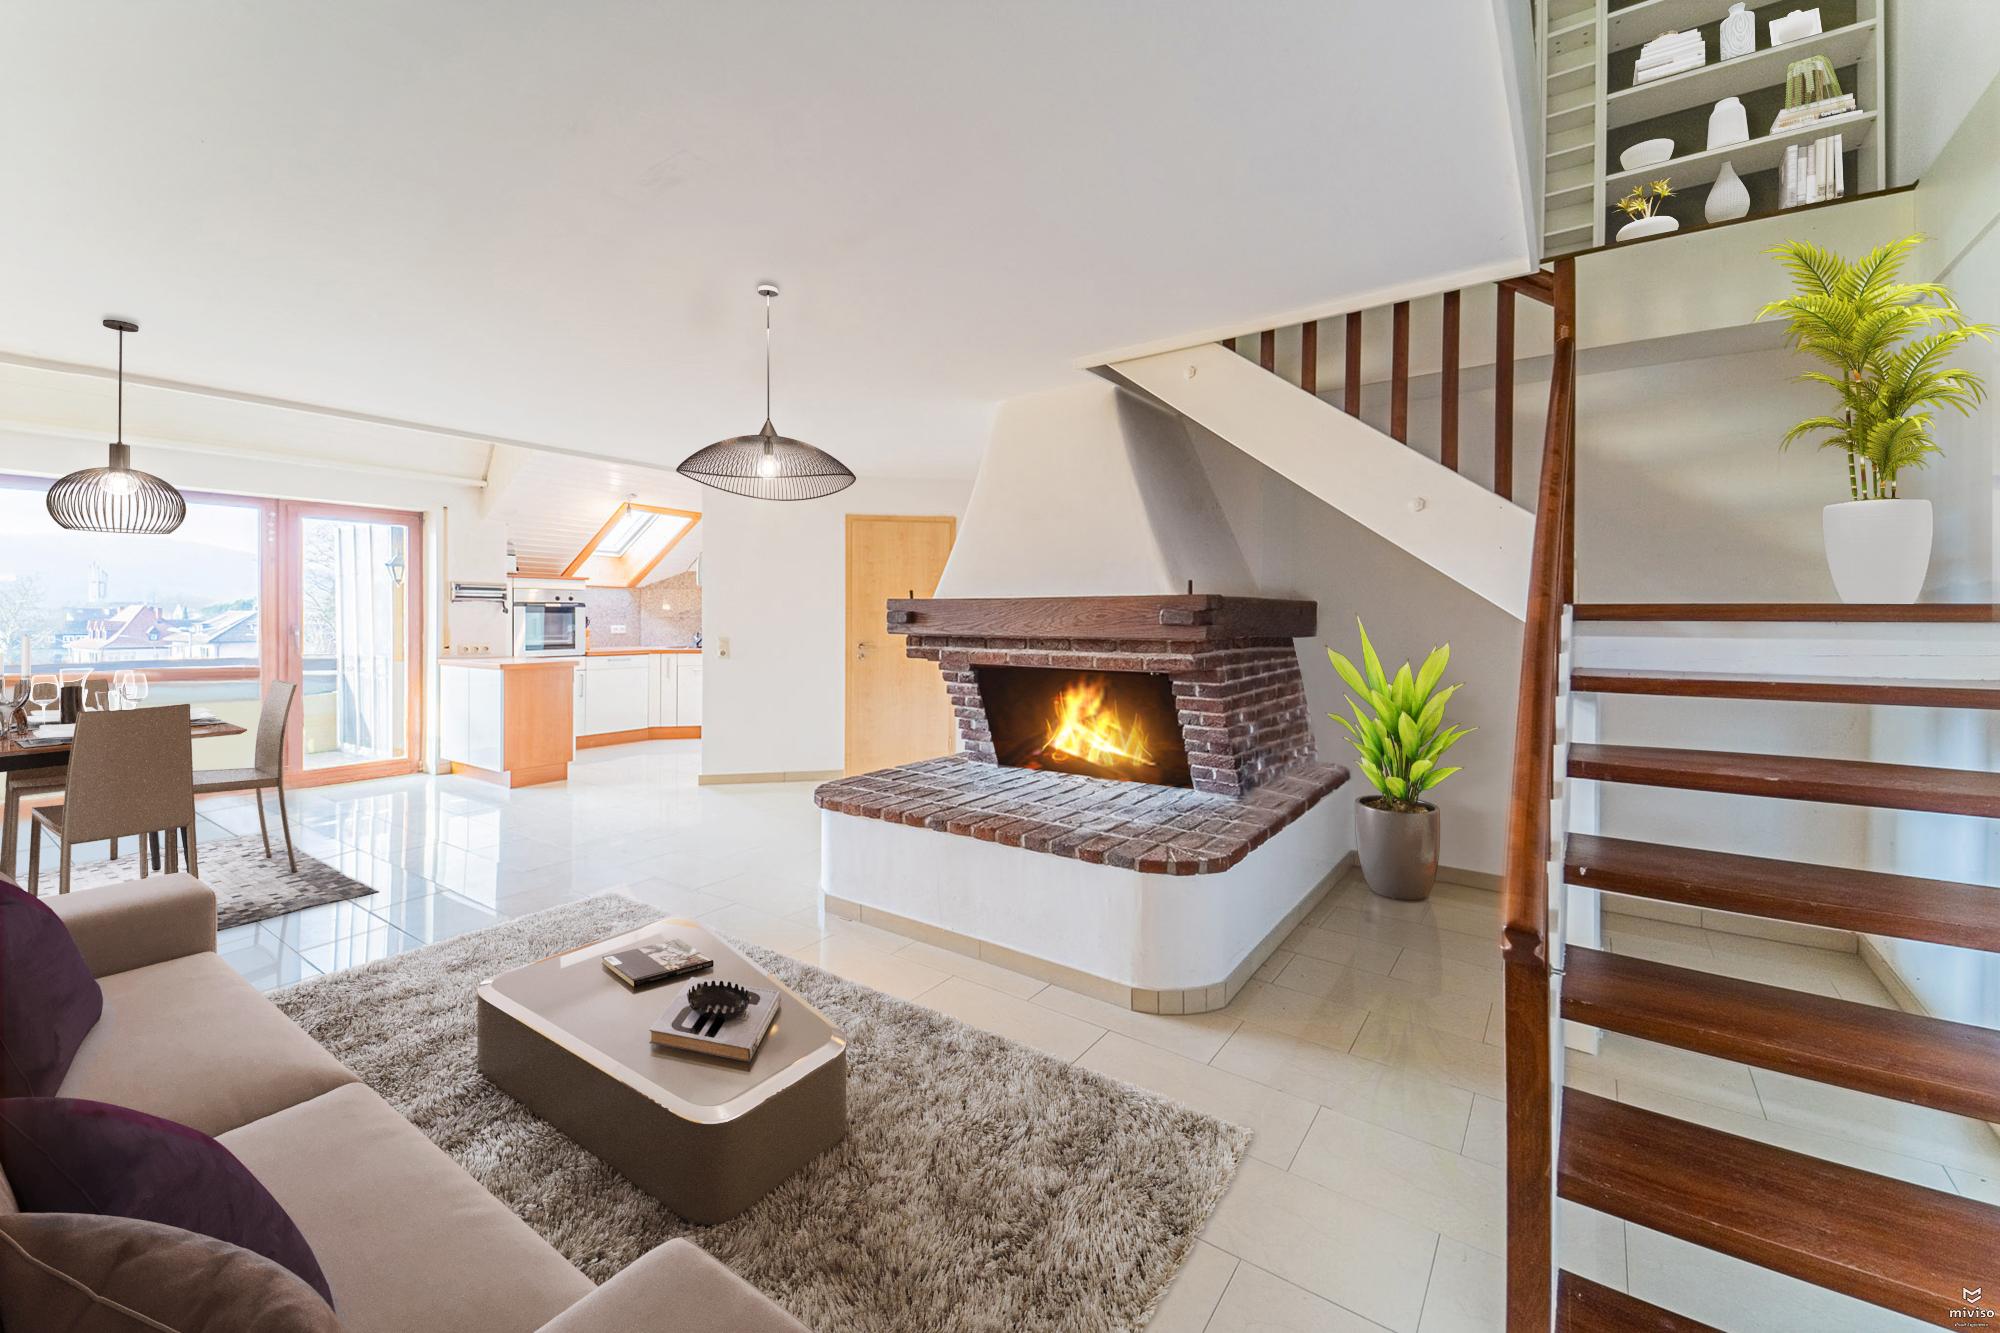 Großzügige Maisonette-Wohnung m. Balkon,EBK,Cheminée und zwei Stellplätzen zentral in Bad Säckingen